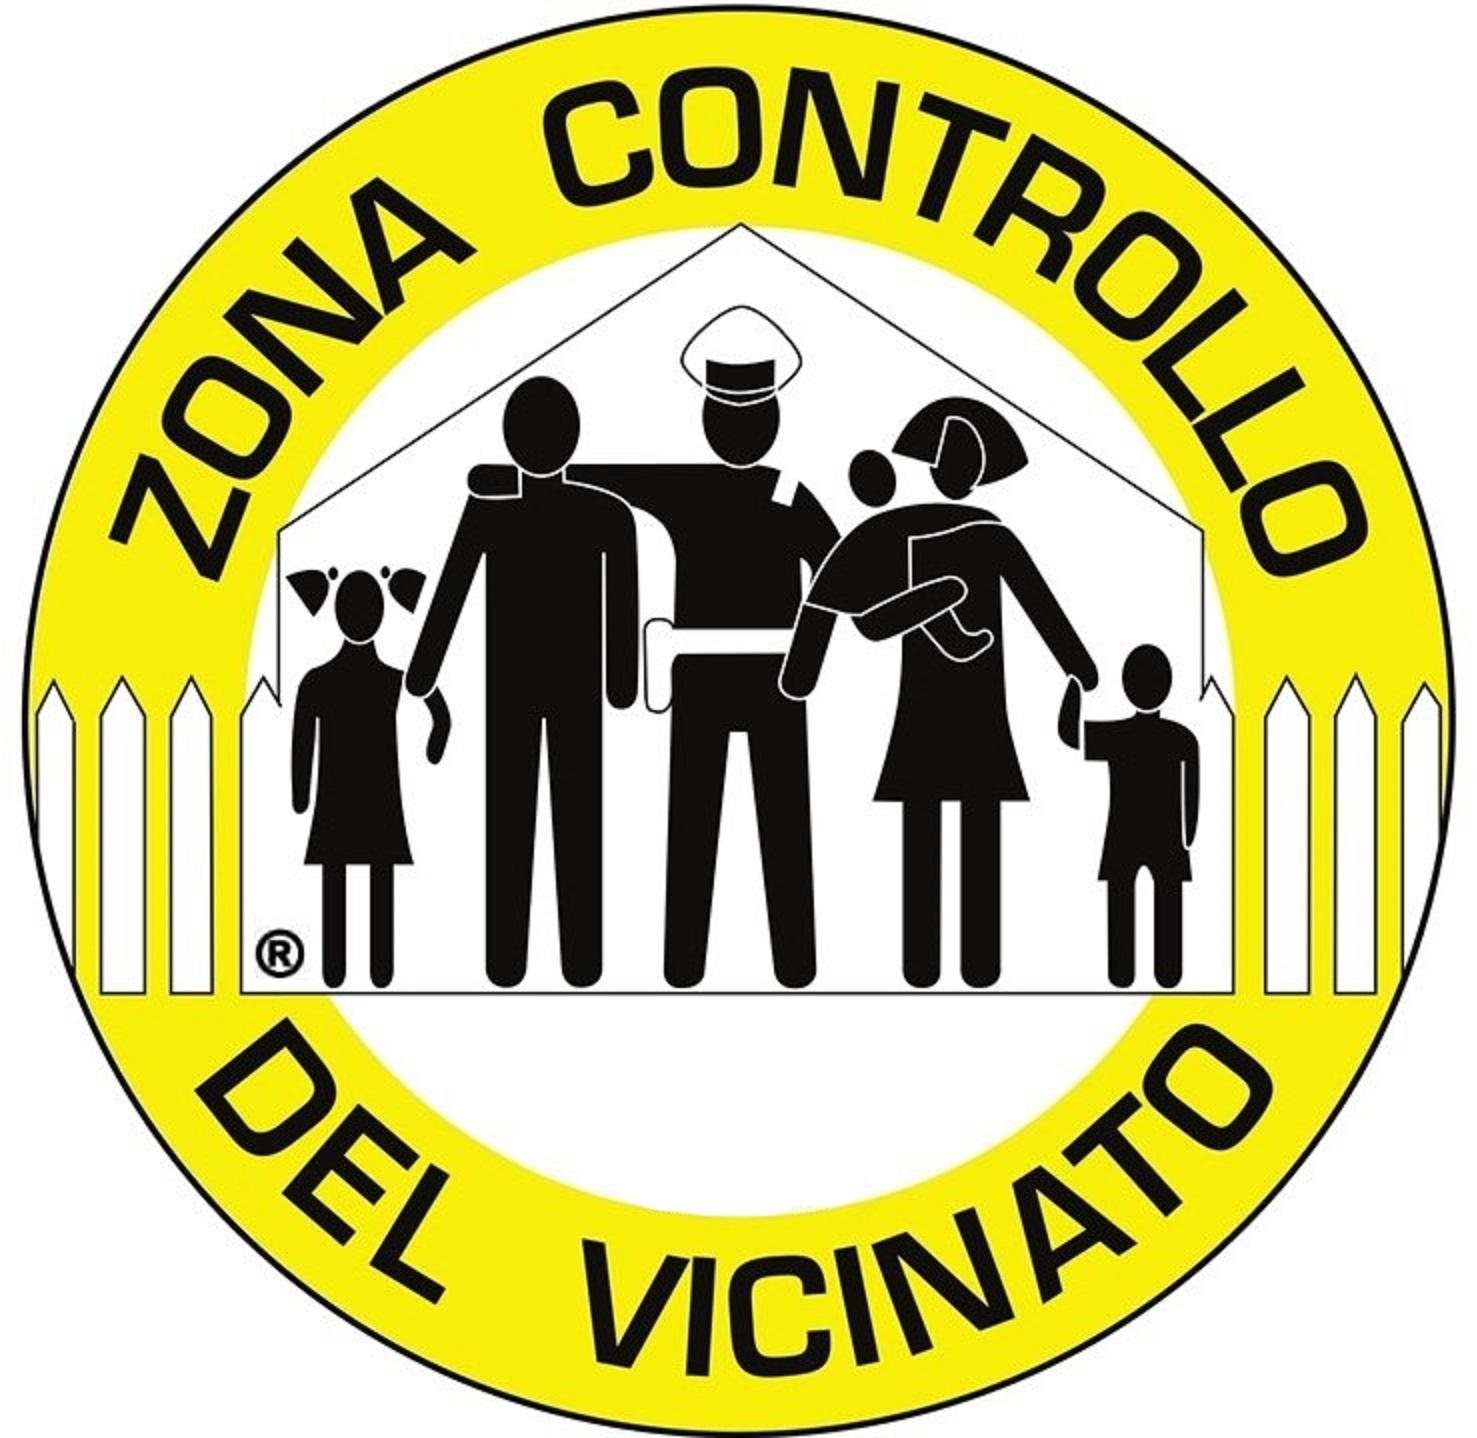 Controllo del Vicinato (IlMartino - ilmartino.it -)